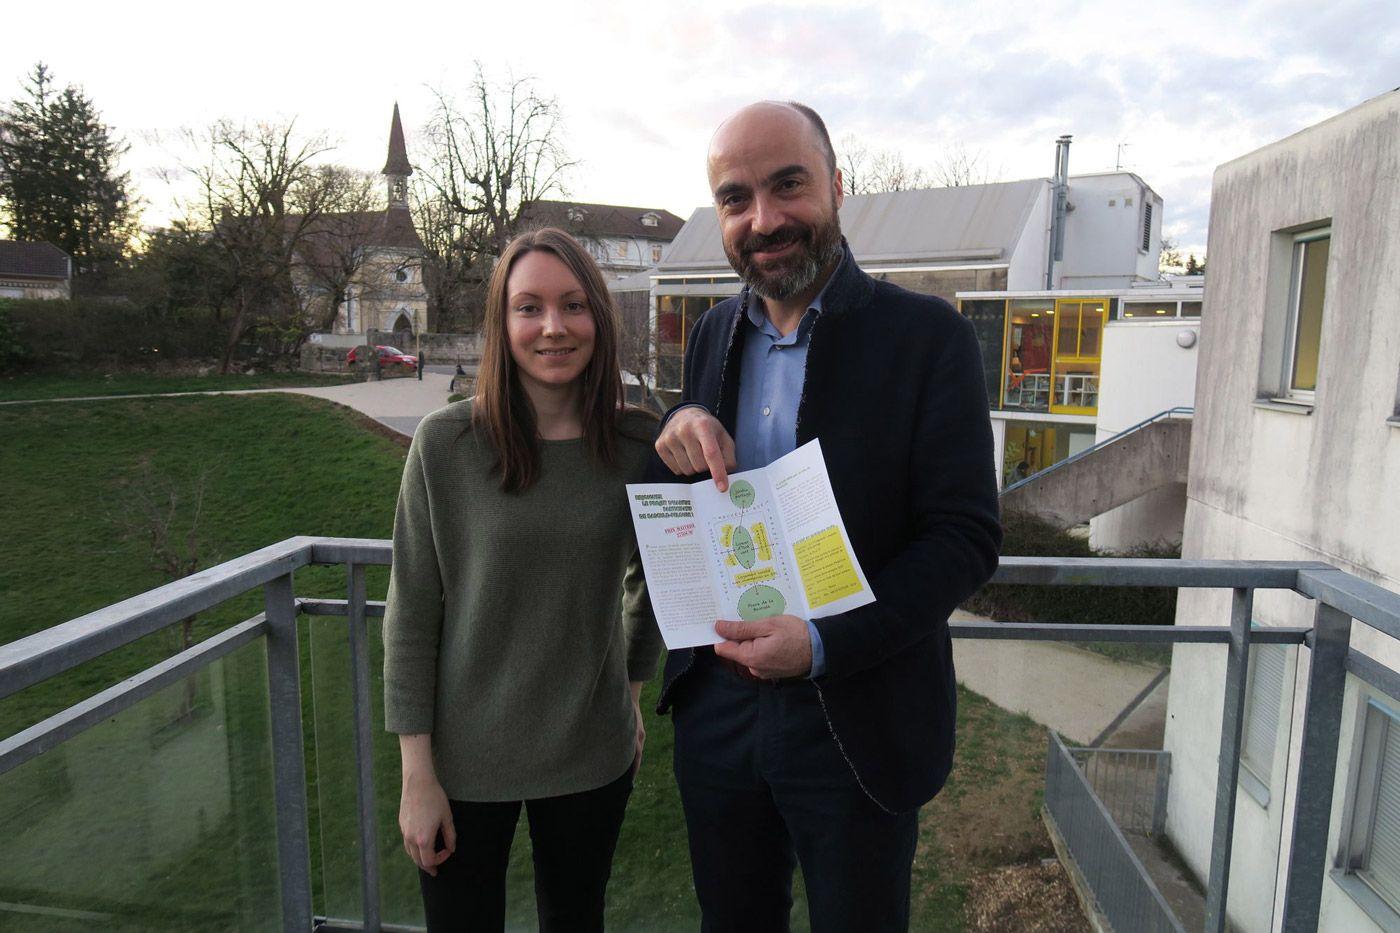 Cyrille Poy et Laura Morvan de la société LesCityZens, spécialisée dans la fabrique urbaine collaborative